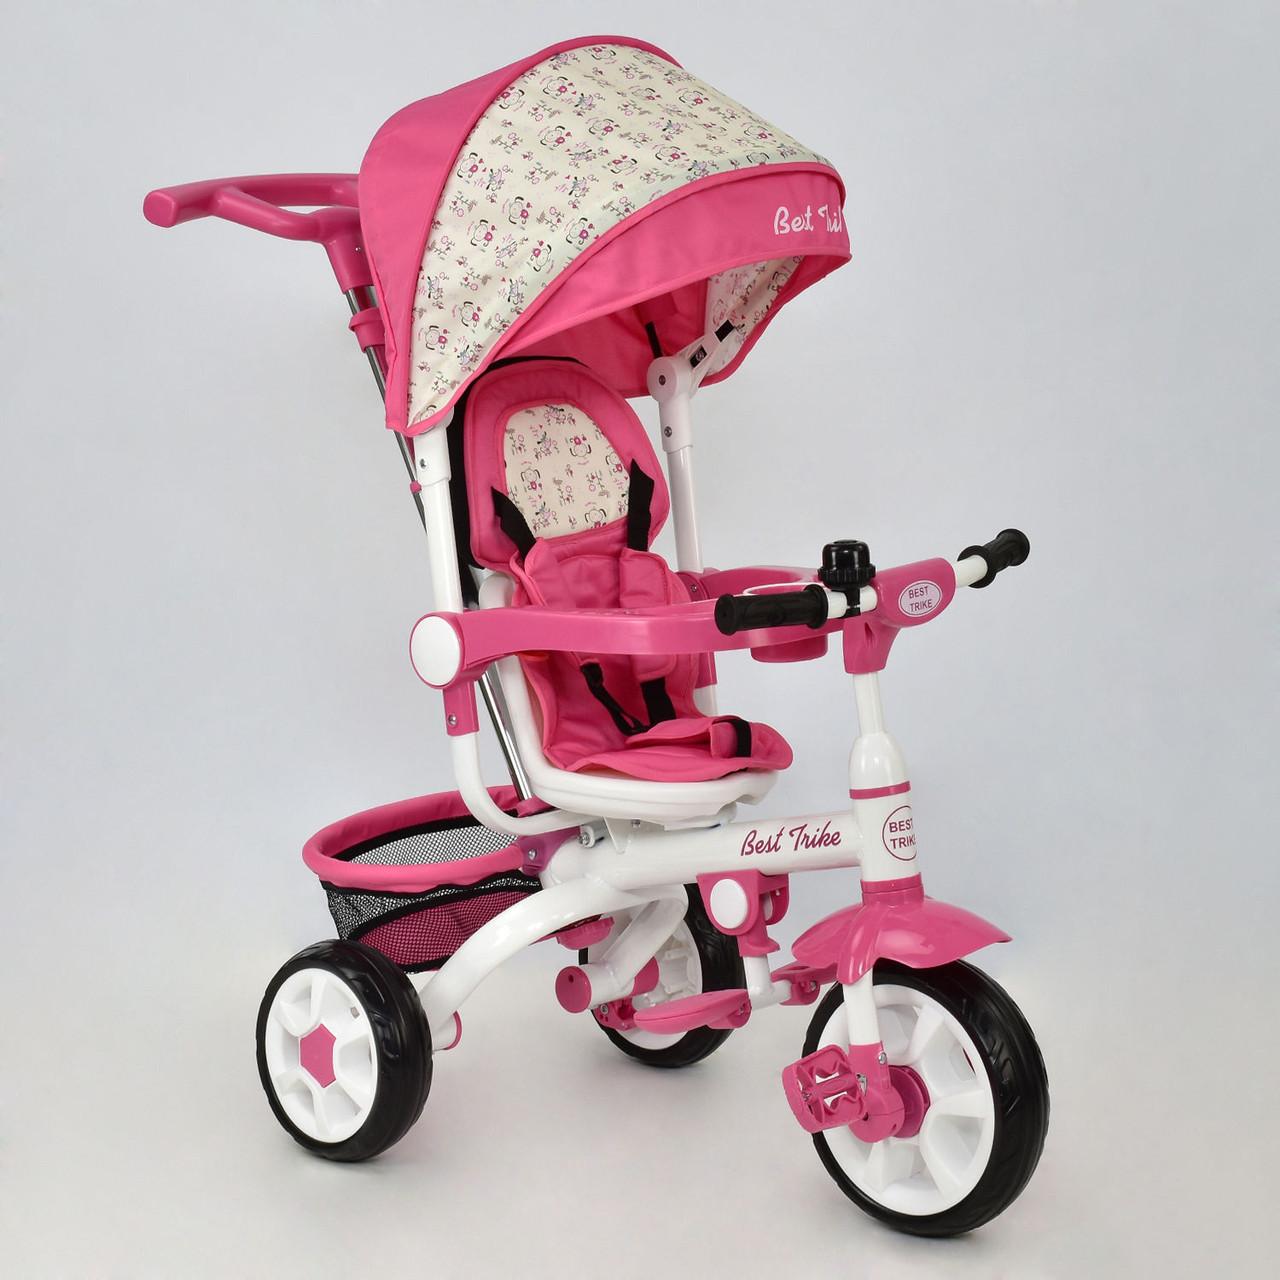 Детский трехколесный велосипед Best Trike DT 128 Розовый Гарантия качества Быстрая доставка